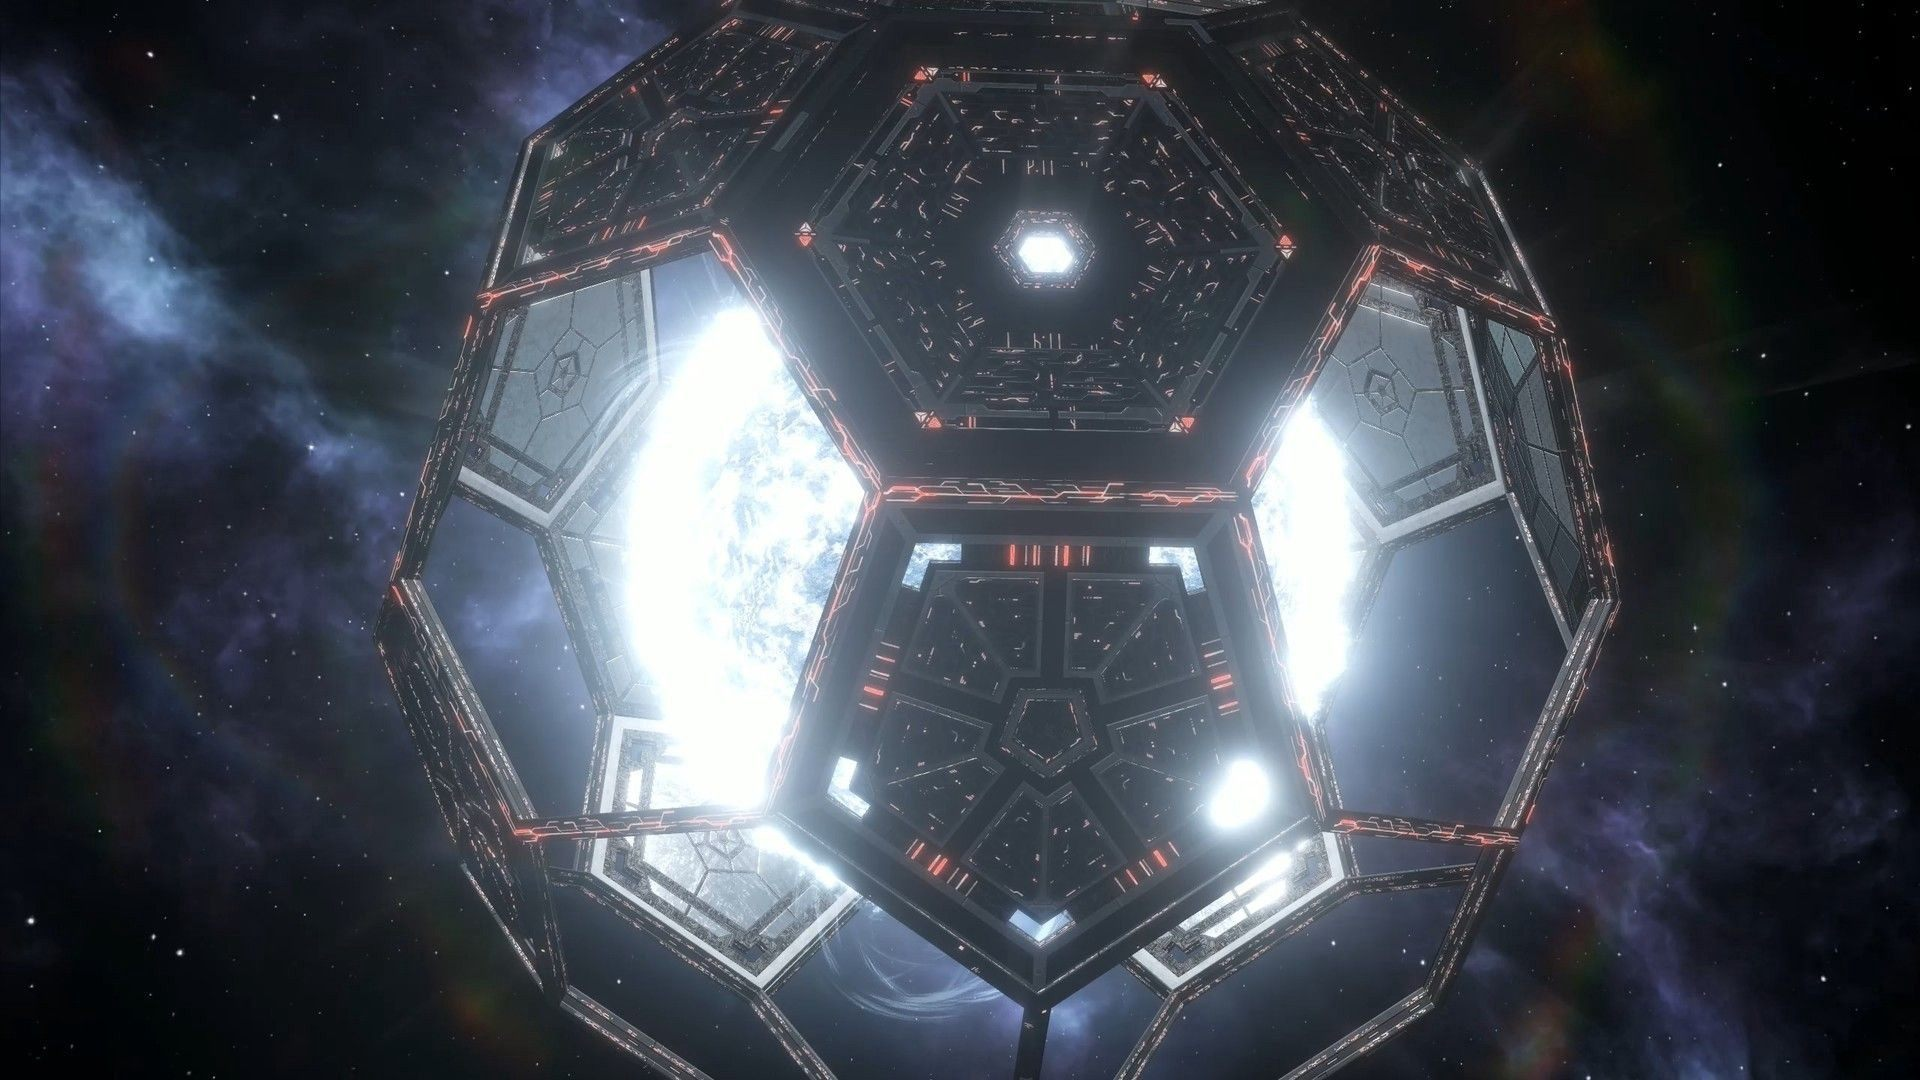 La escala de civilizaciones alienígenas de Kardashev (VÍDEO)